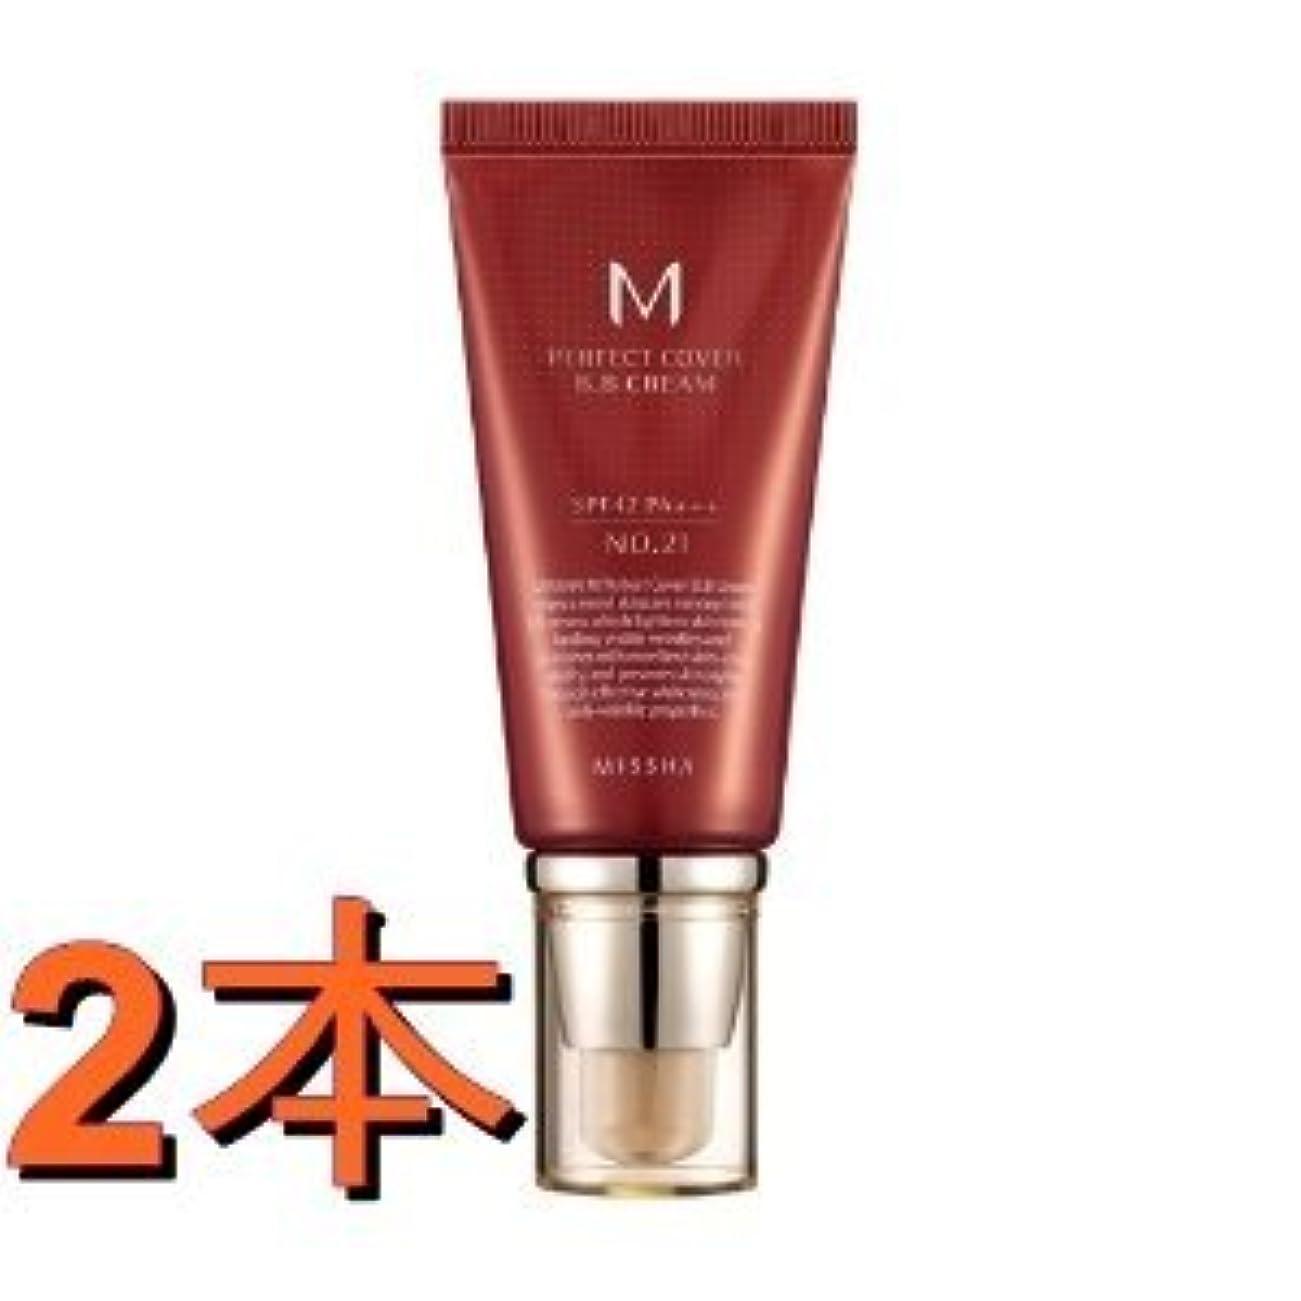 指標狭い合併ミシャ(MISSHA) M パーフェクトカバー BB クリーム 2本セット NO.23 (ナチュラルでおちつきのある肌色) SPF42 PA++ 50ml[並行輸入品]